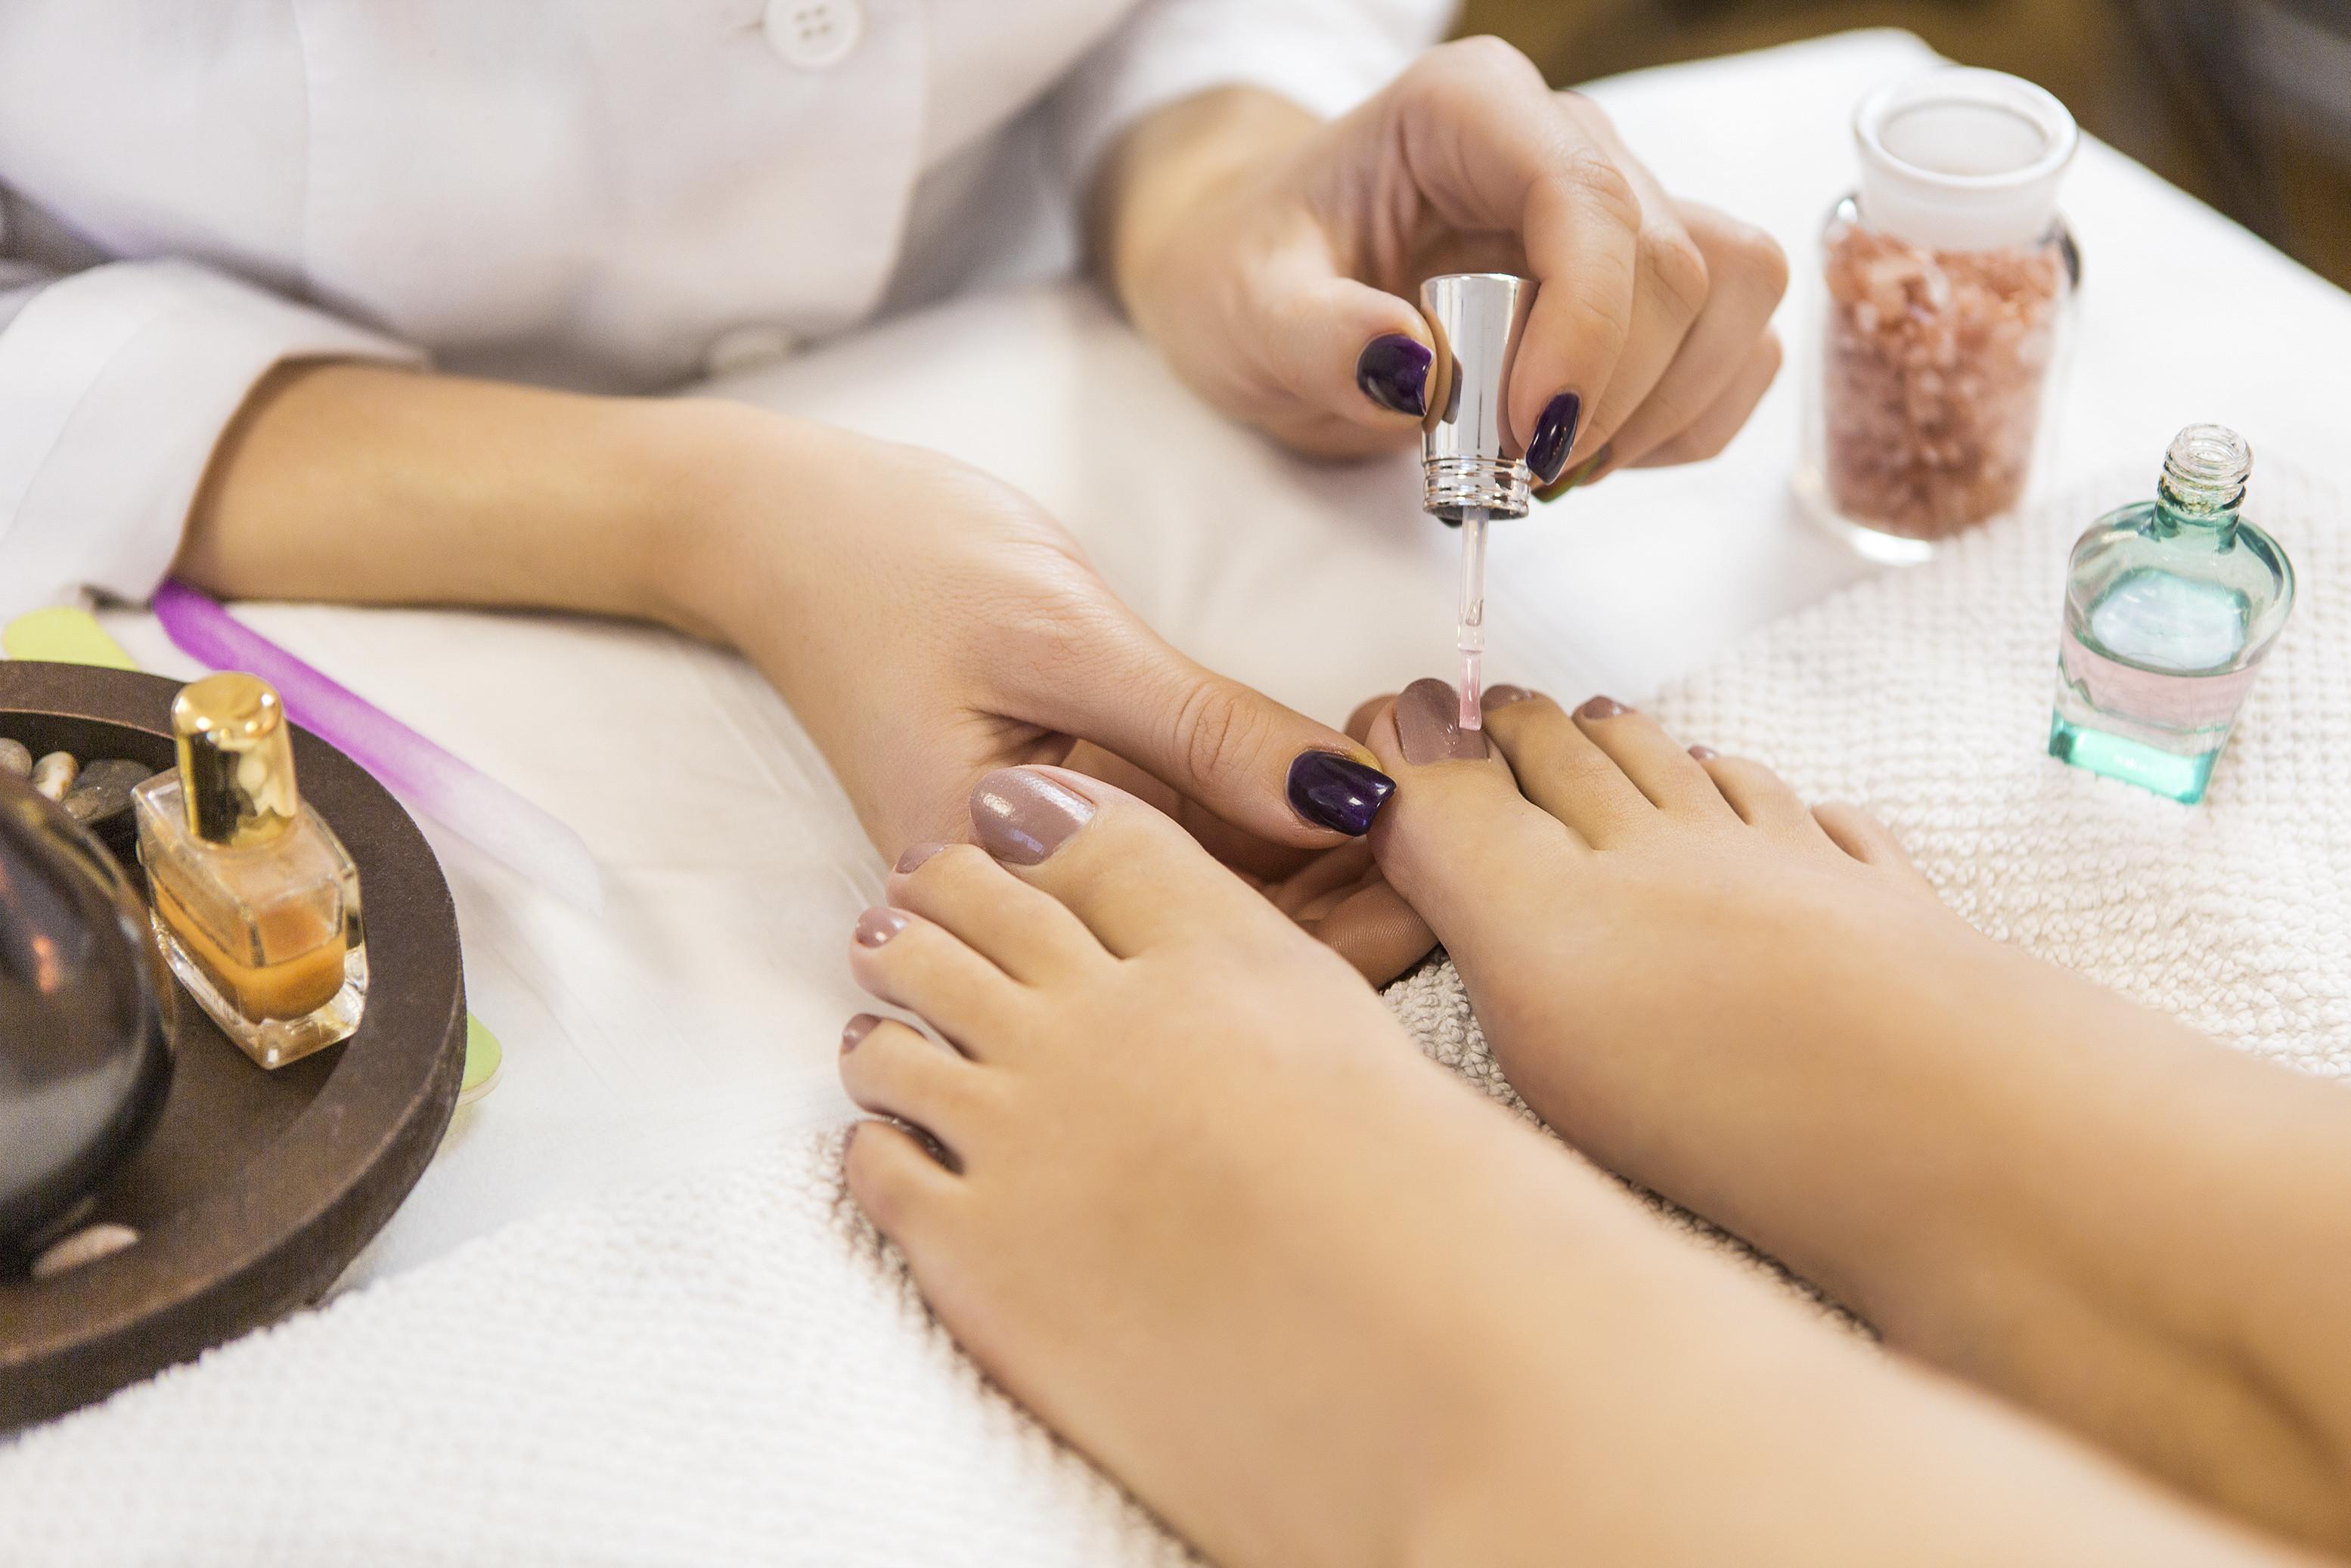 Individual Nail Service Consultation